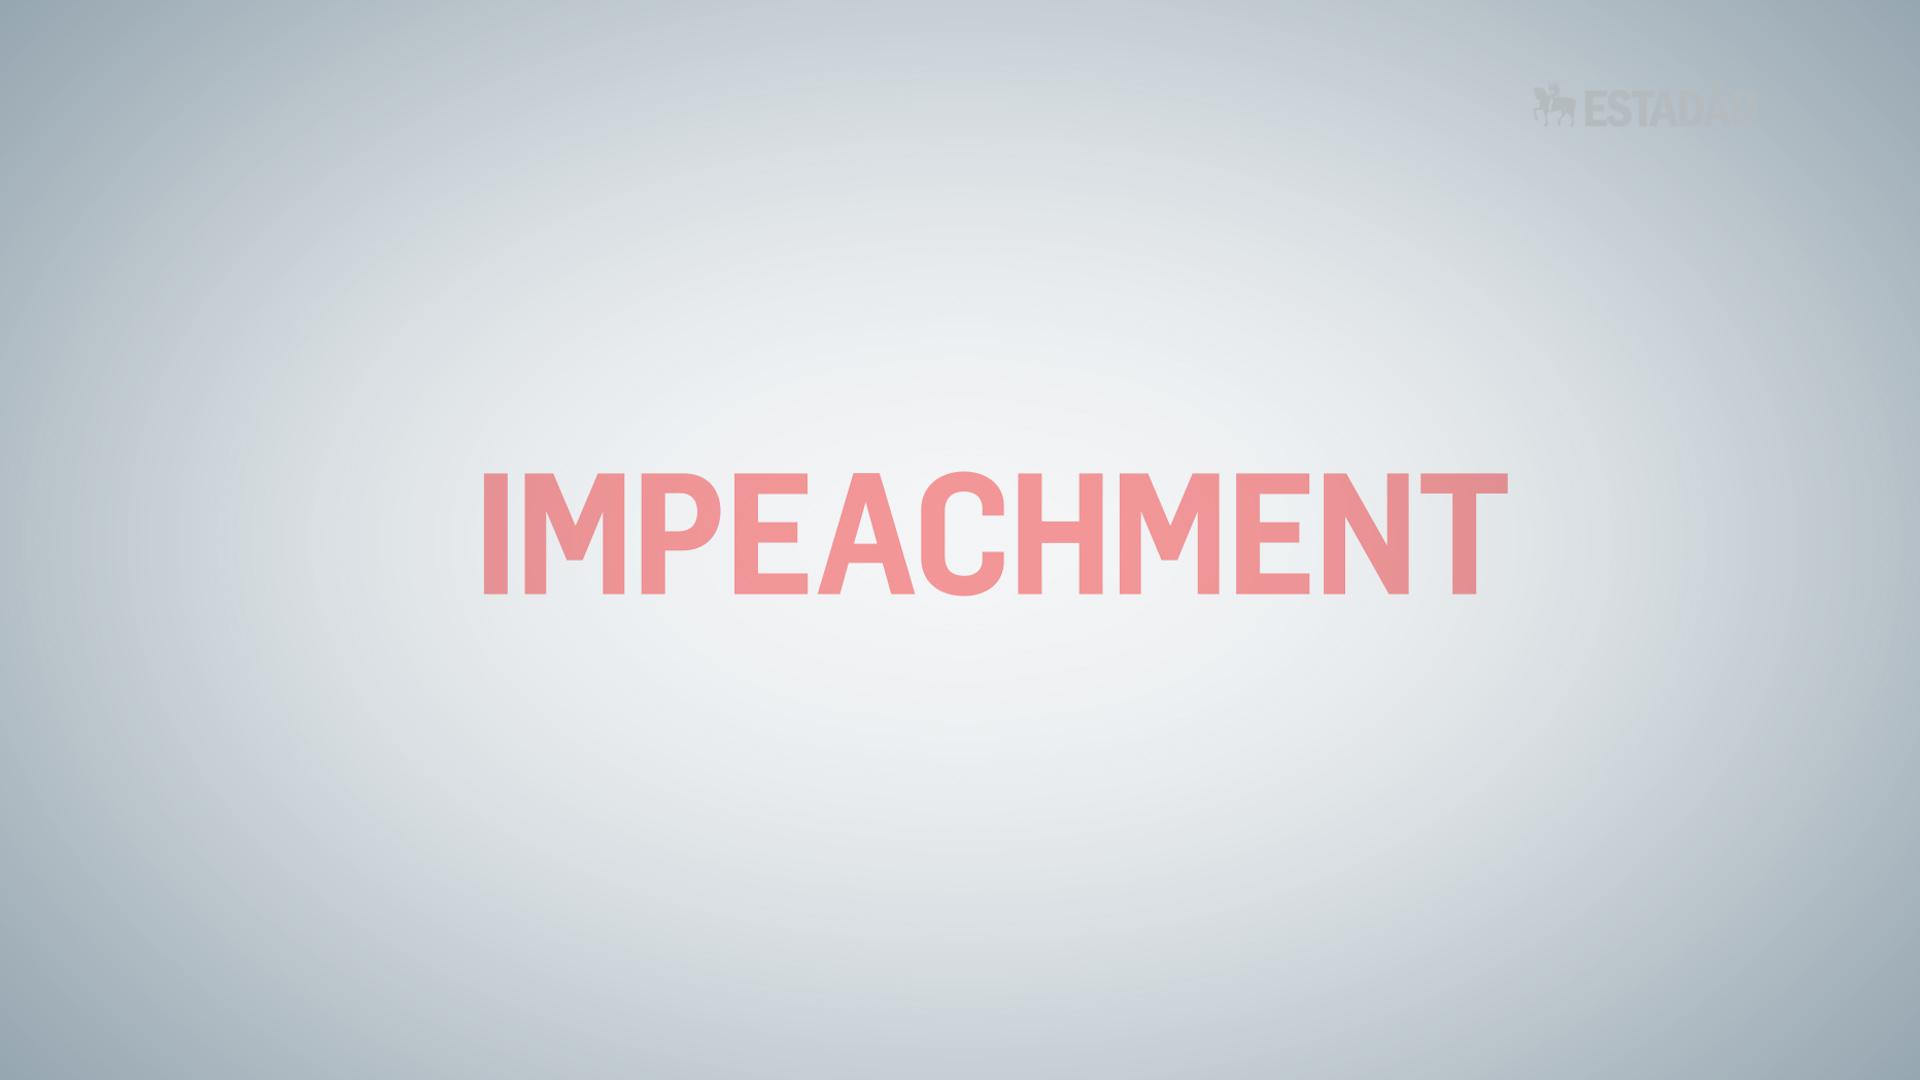 Senado prevê pelo menos 20 horas para votar processo de impeachment